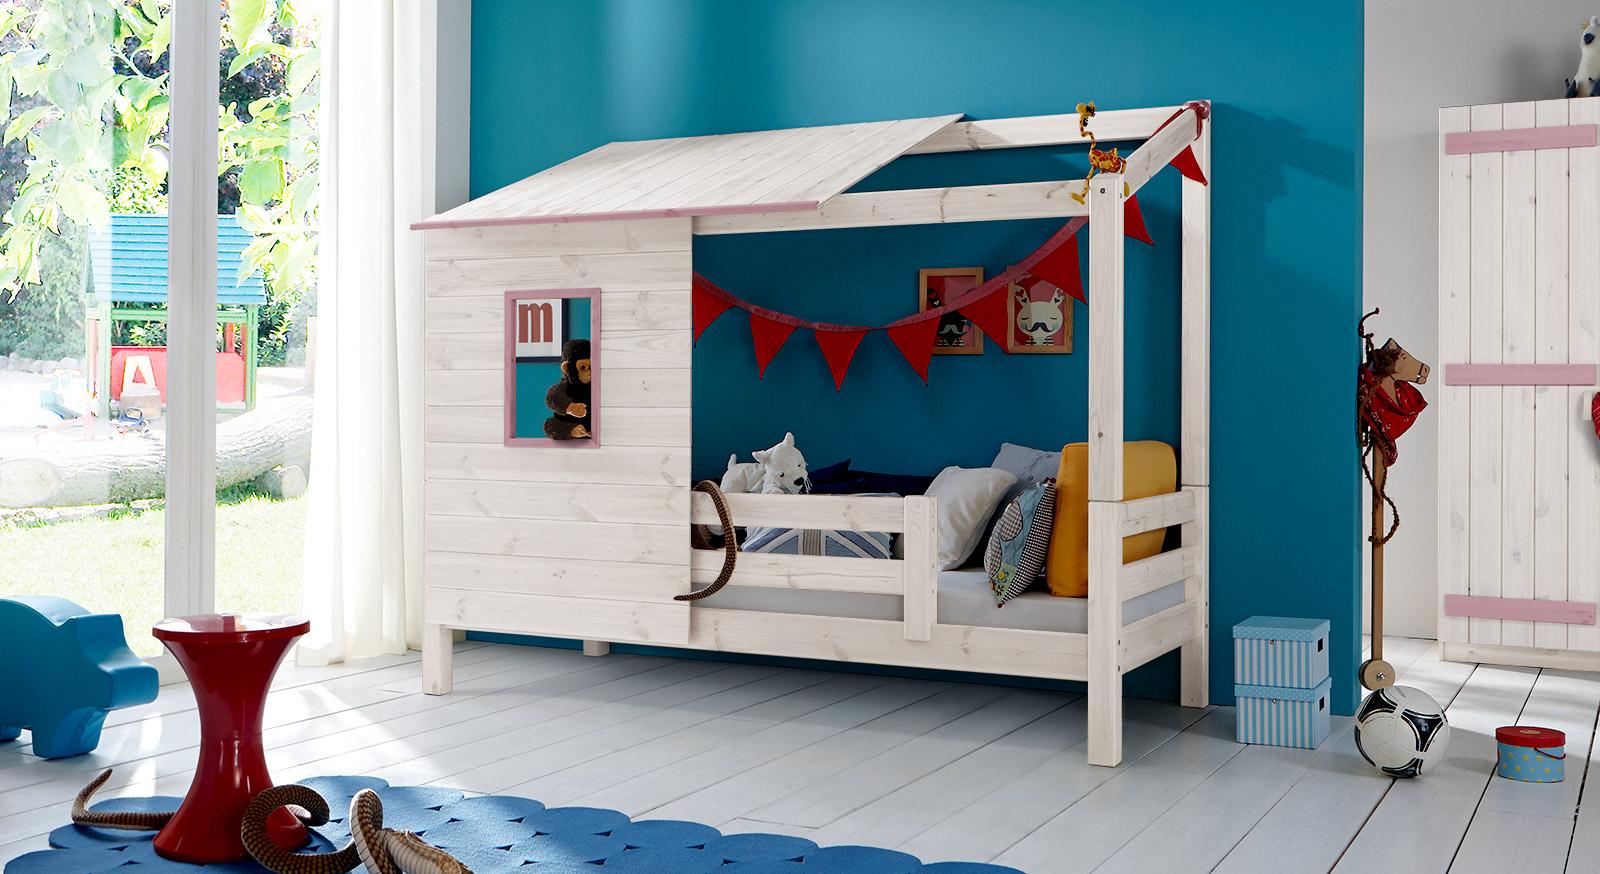 Abenteuerbett Kids Paradise aus Massivholz in Weiß mit Querleisten in Flieder